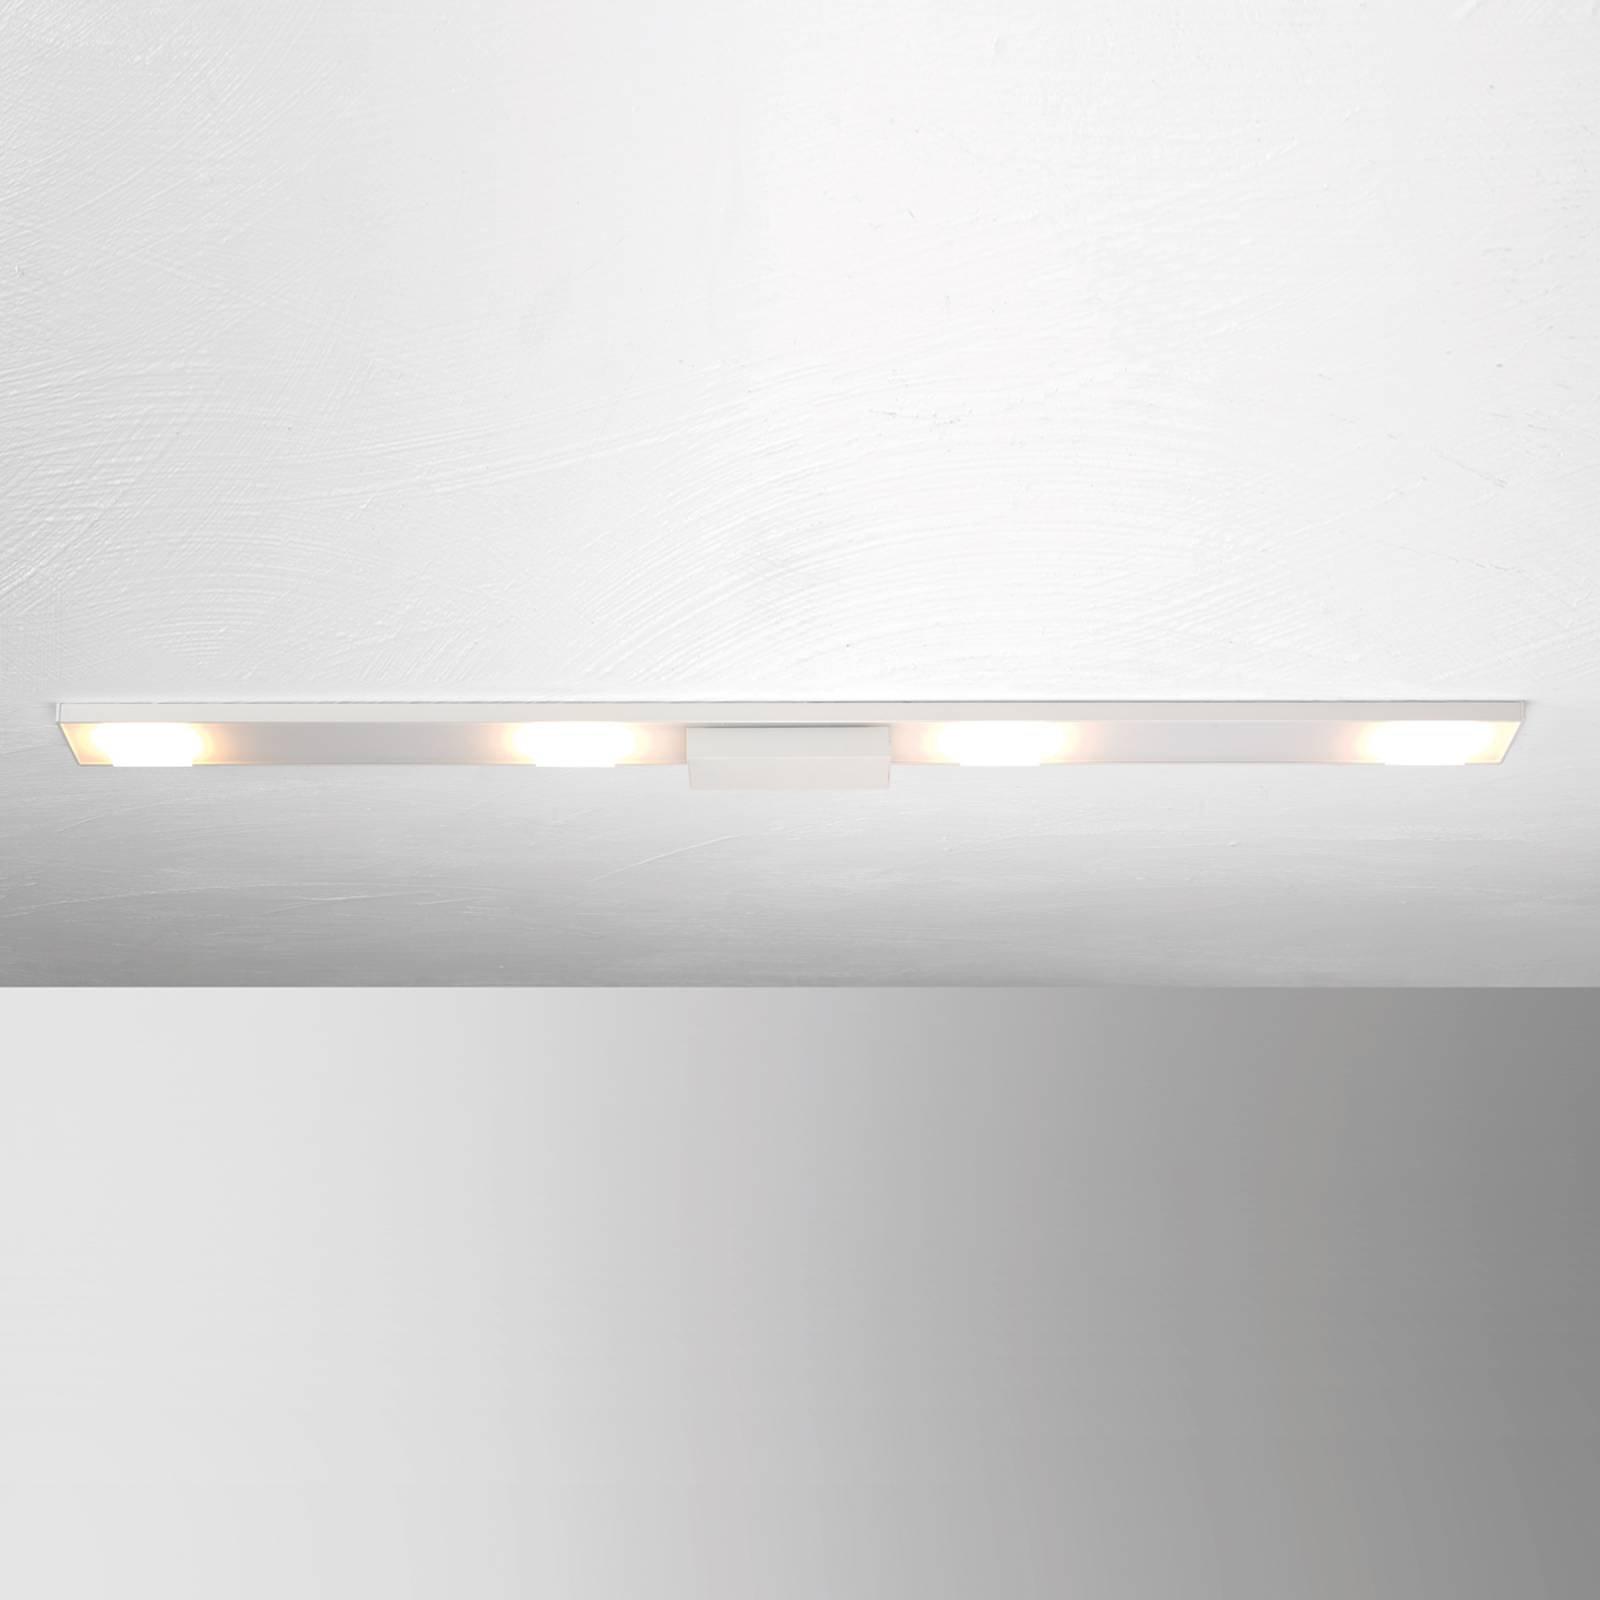 LED-taklampe Slight med fire lys, hvit